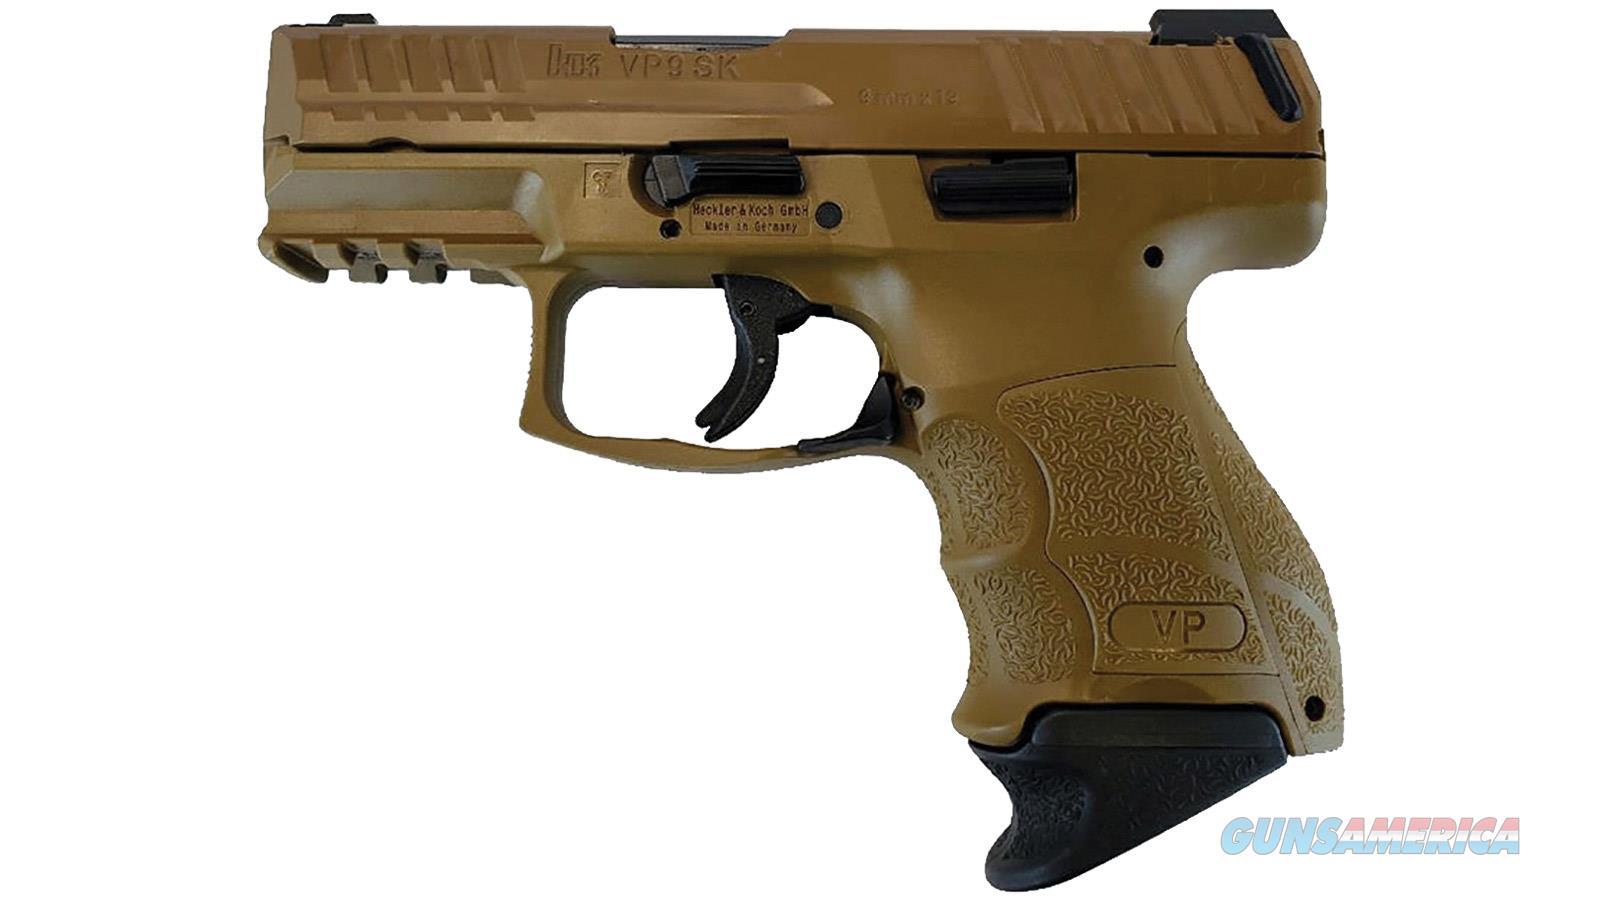 Heckler & Koch VP9 SK w/FDE Finish  Guns > Pistols > Heckler & Koch Pistols > Polymer Frame